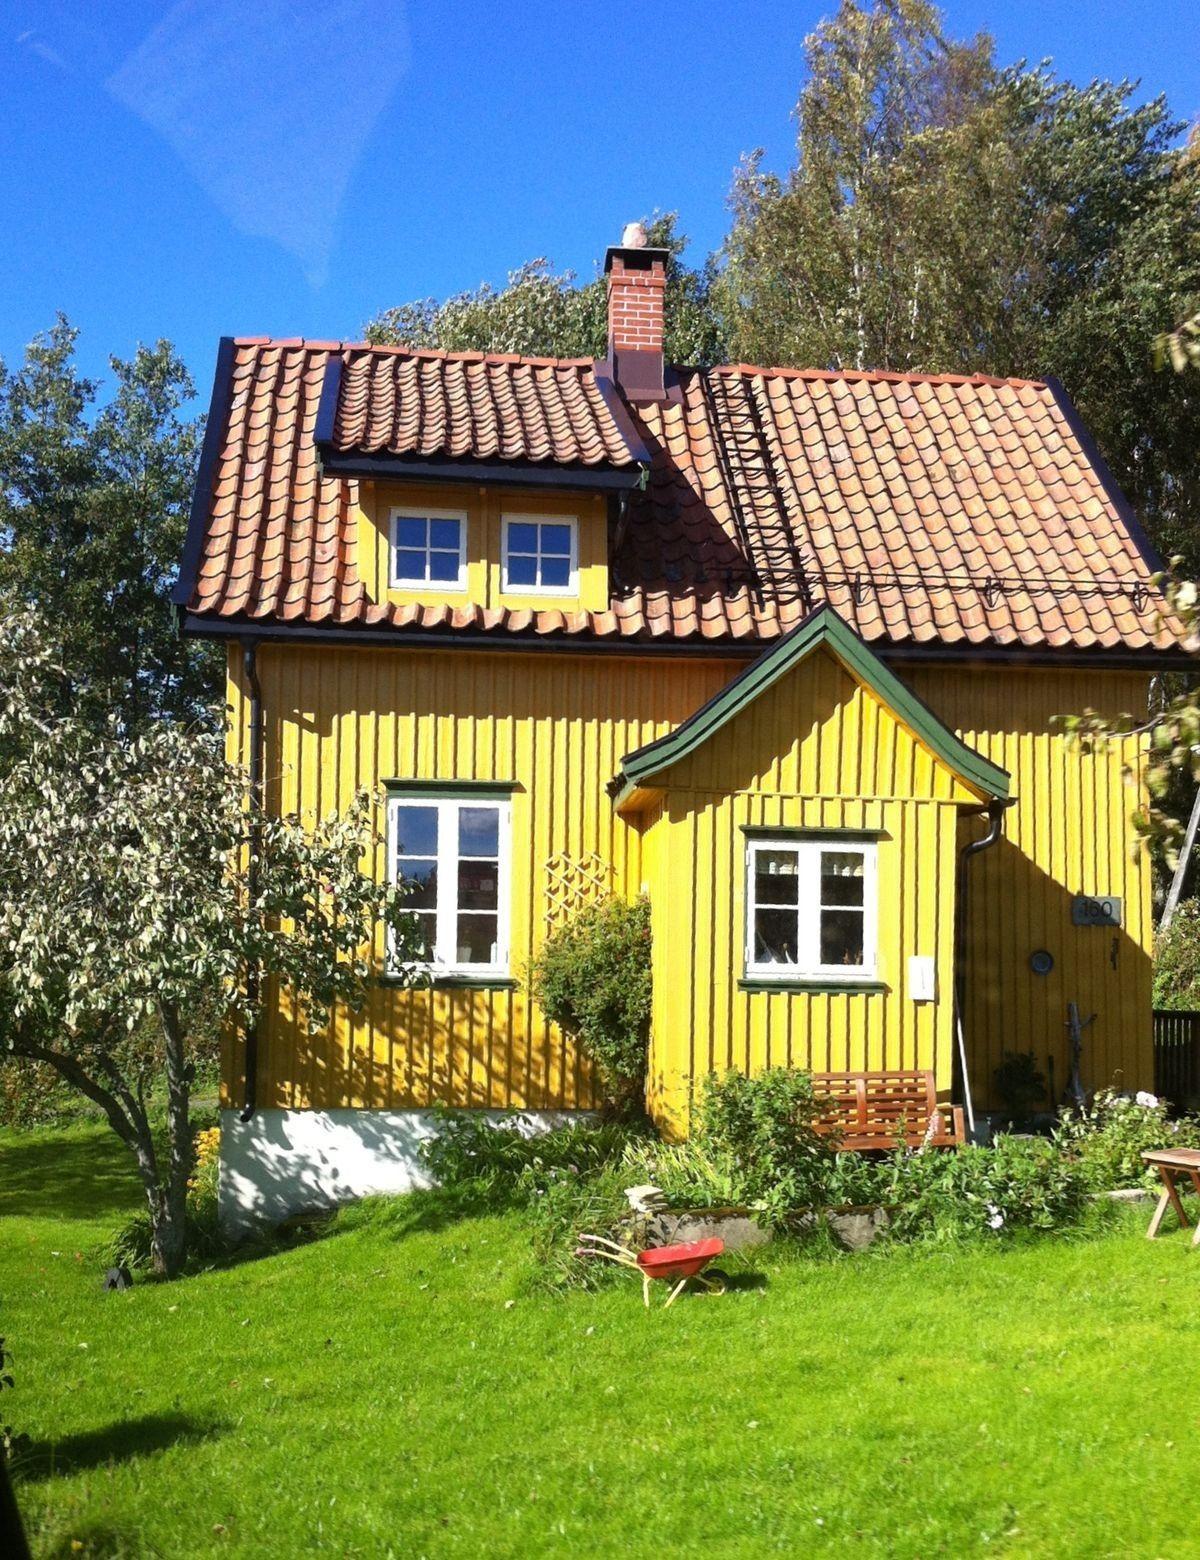 Pin von CoSchi auf FRUITS & Cottage • Lemons • Pink